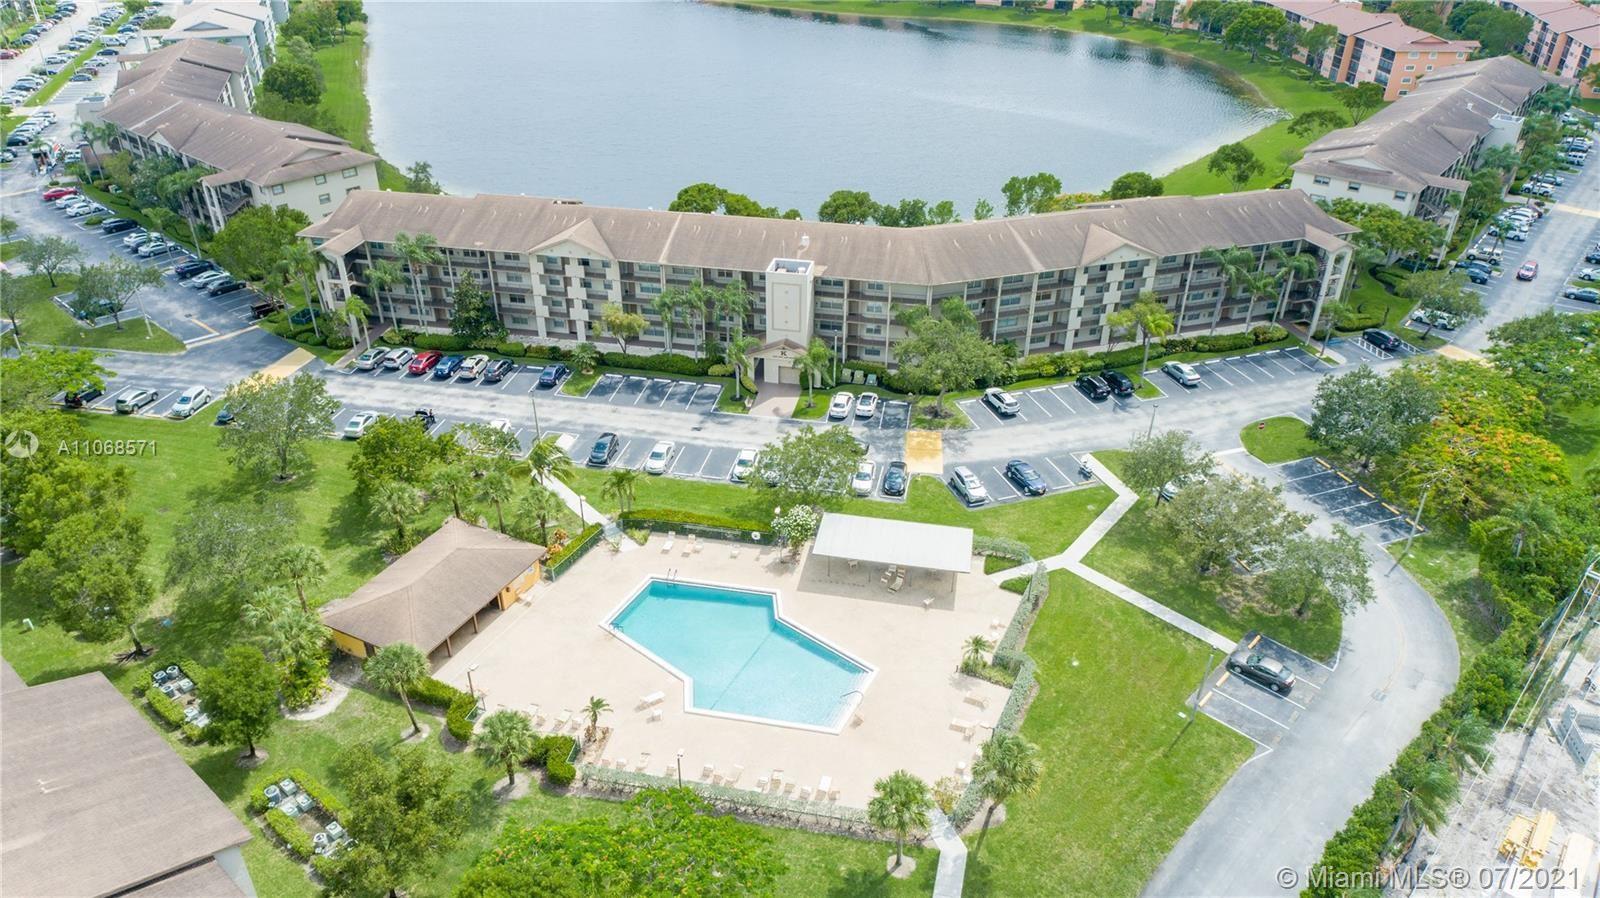 550 SW 138th Ave #406K, Pembroke Pines, FL 33027 - #: A11068571